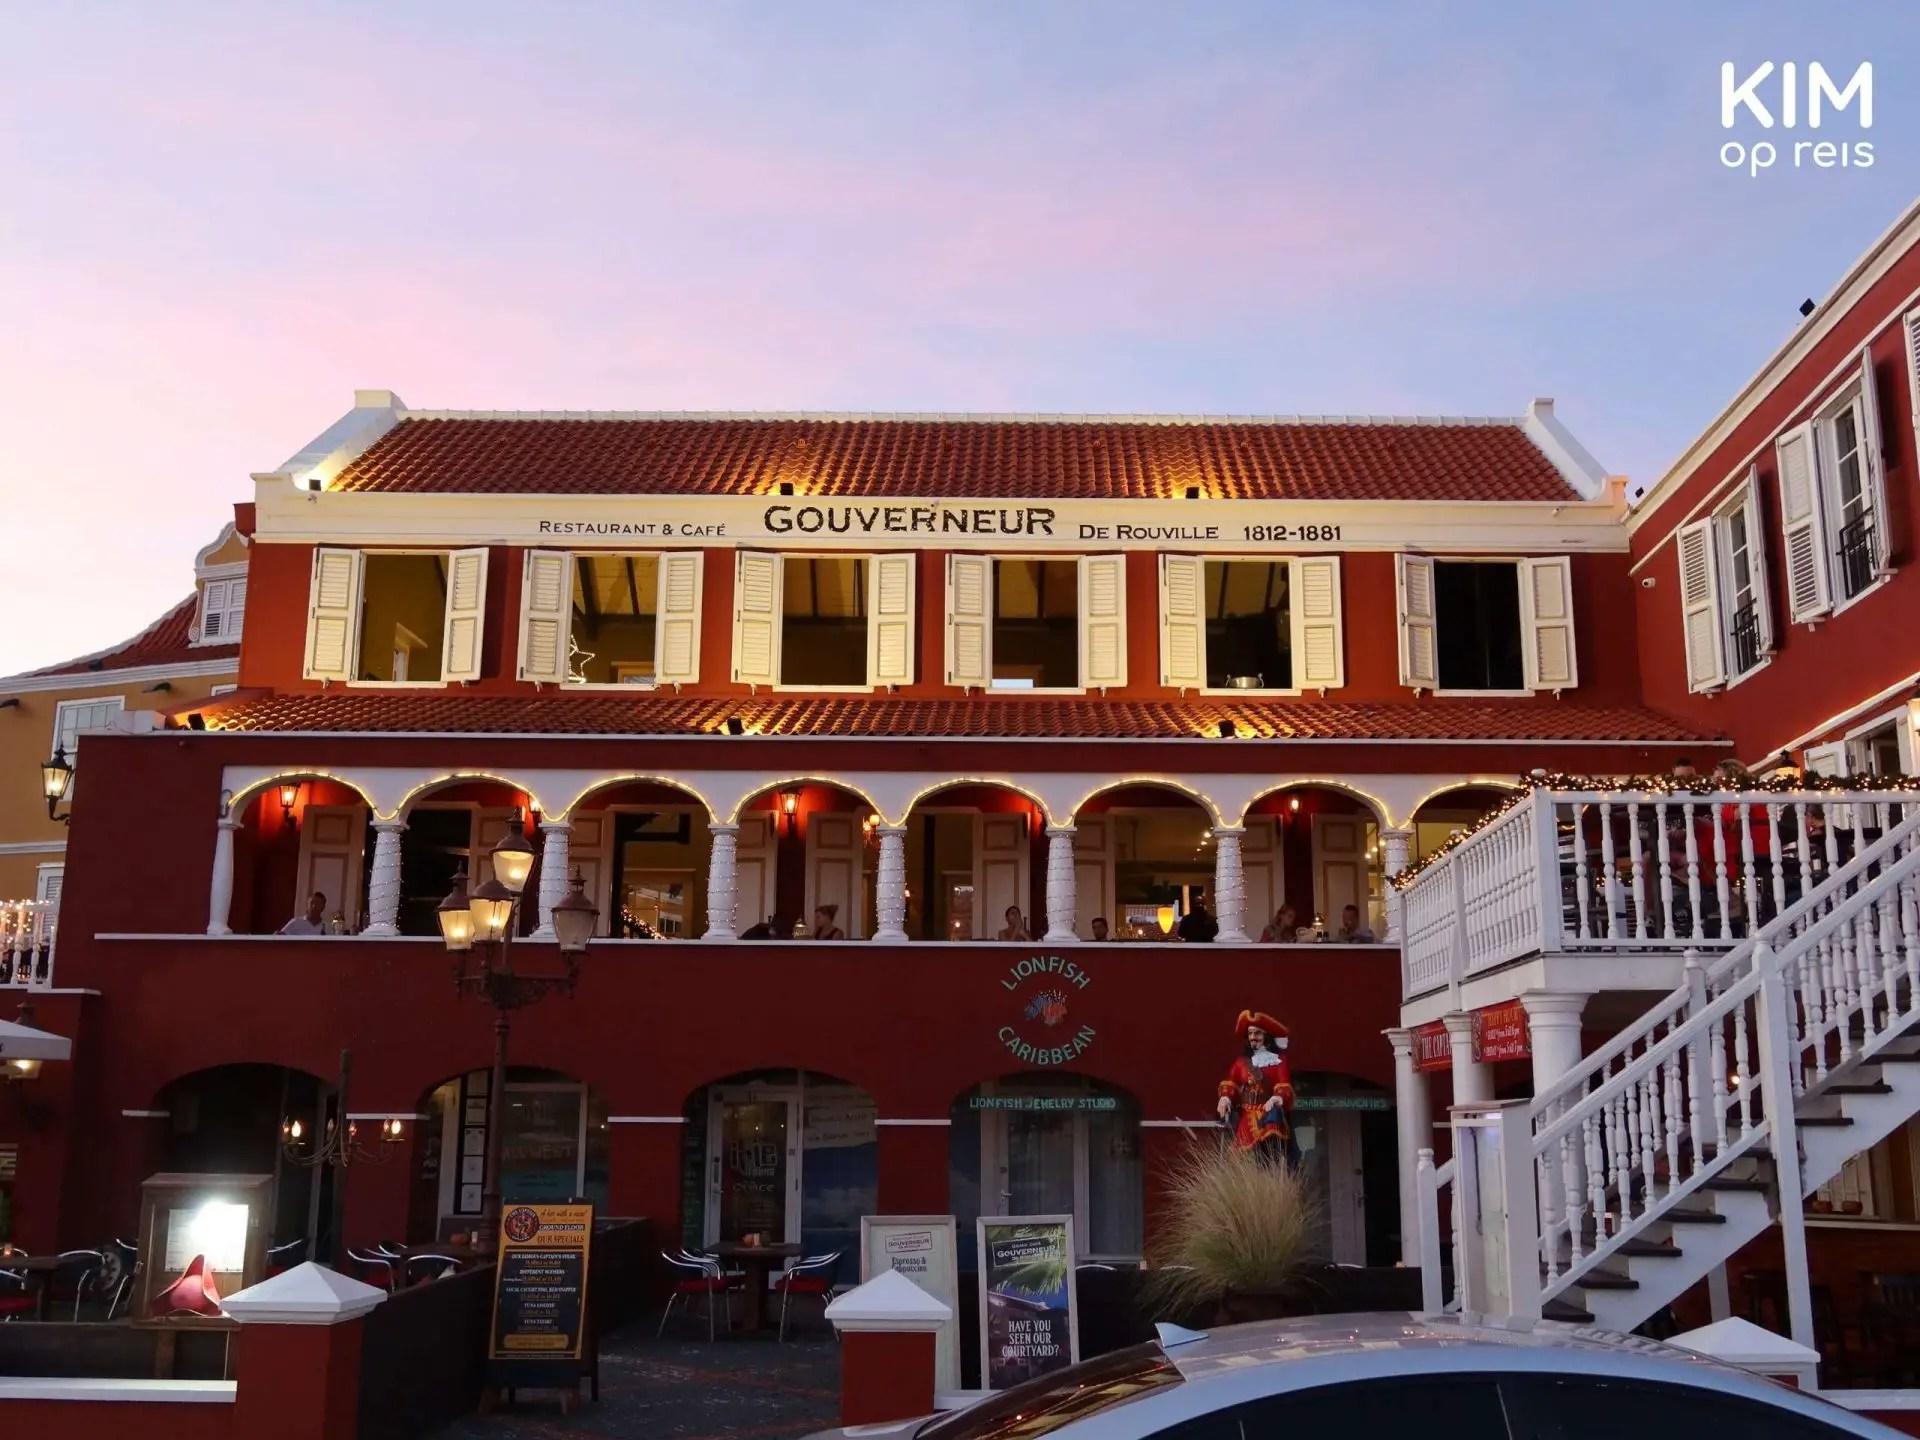 Restaurant de Gouverneur de Rouville Curaçao: building seen from the street side